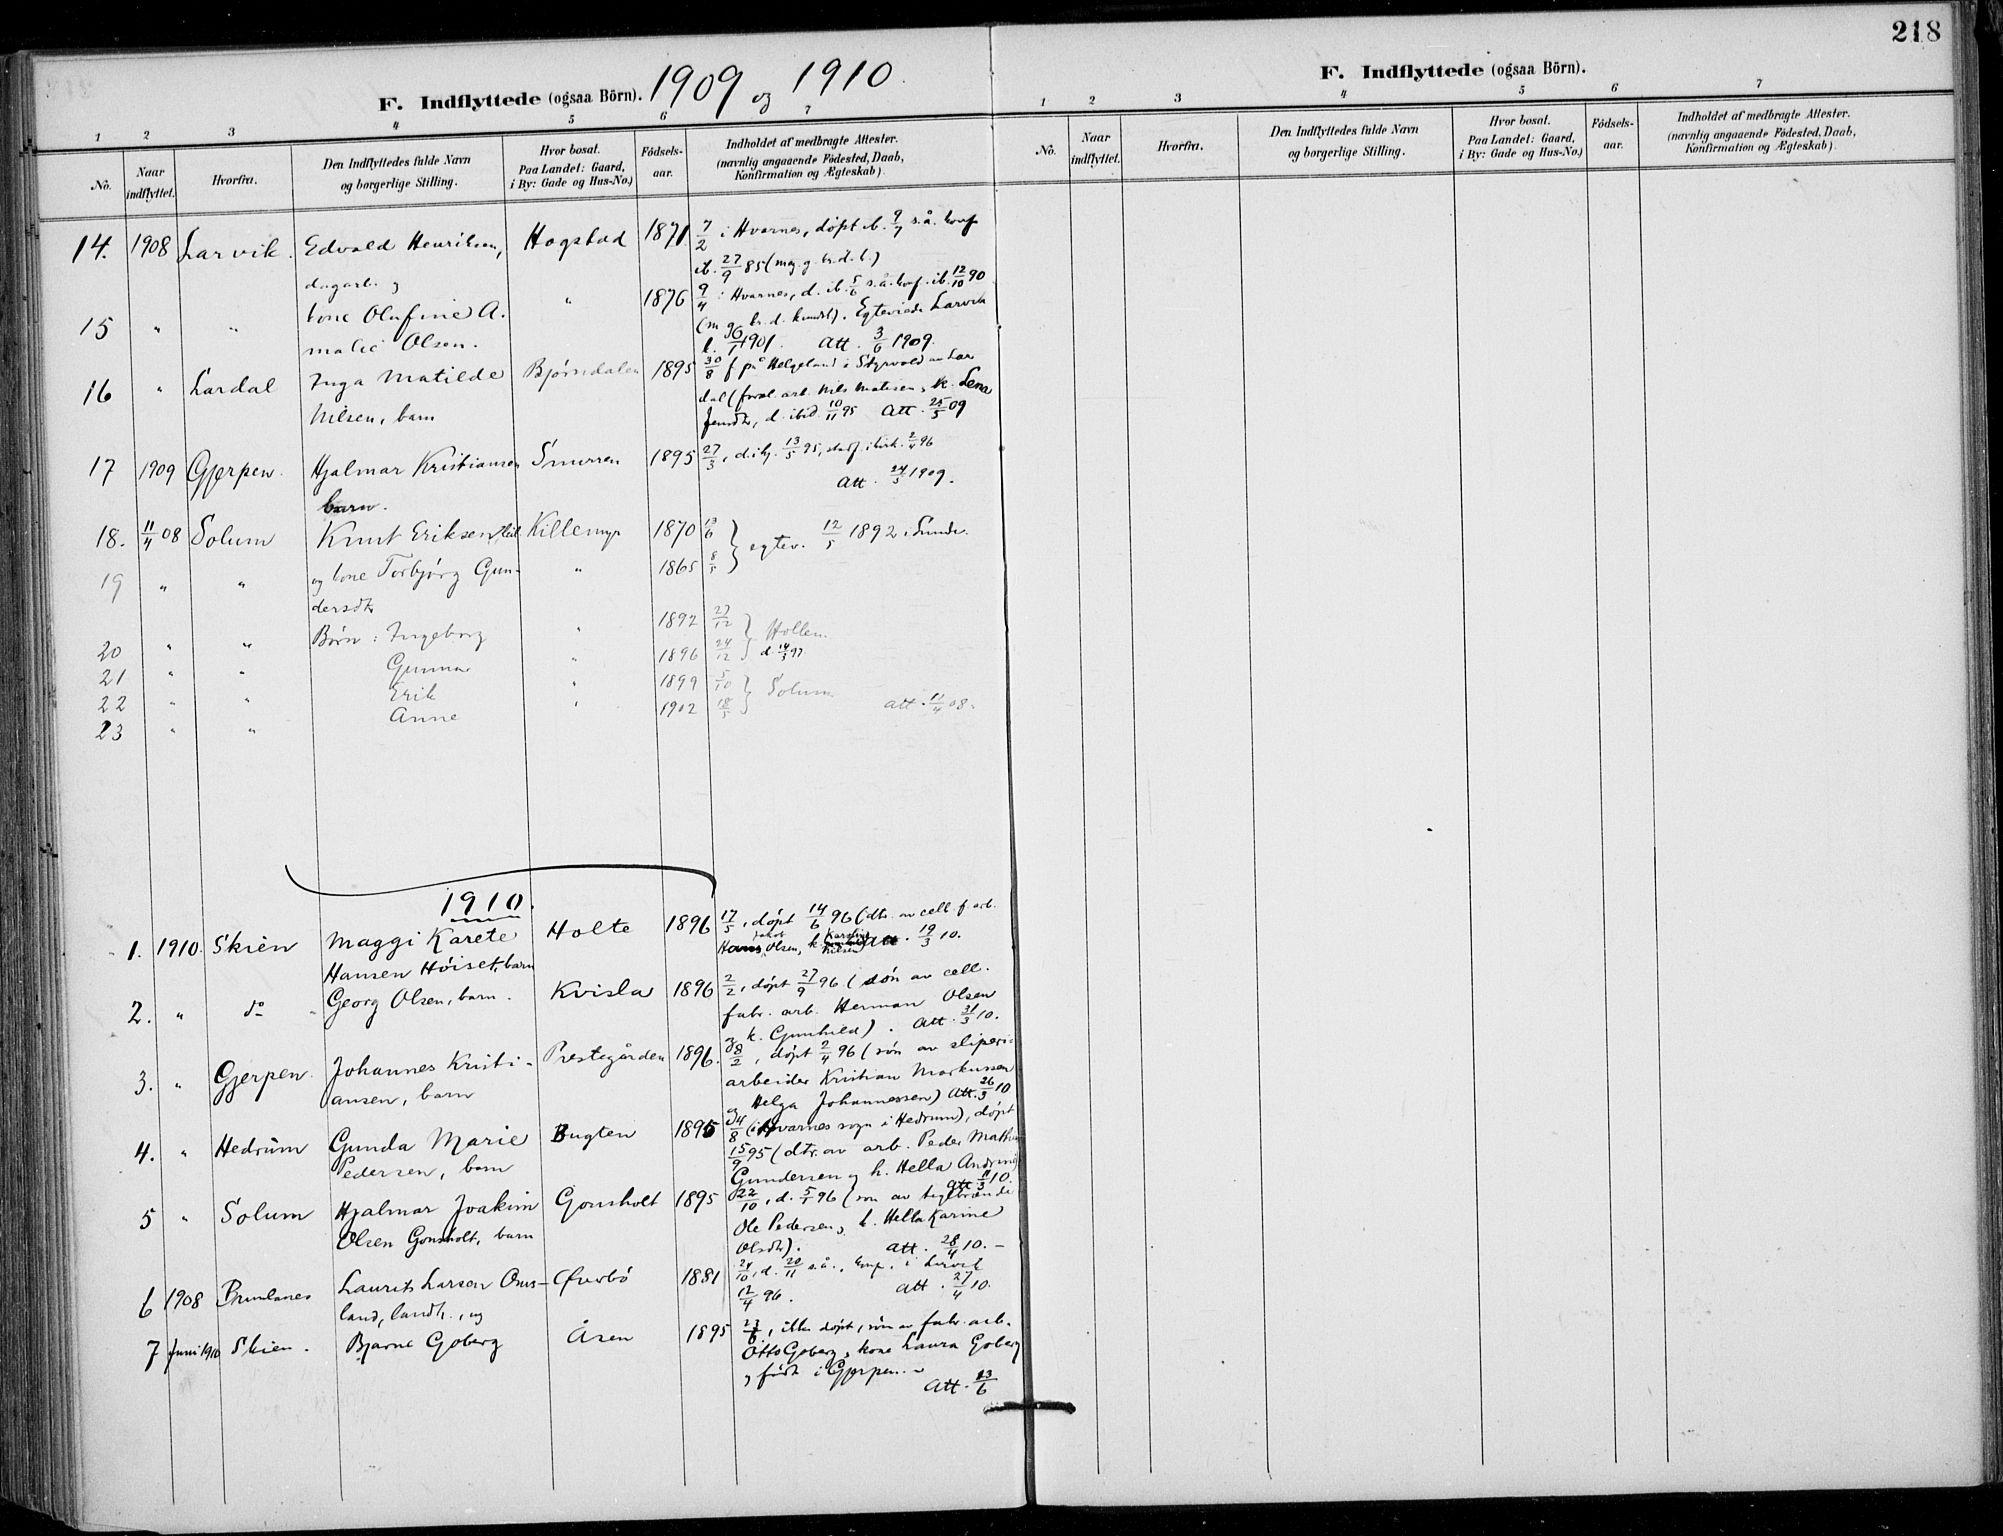 SAKO, Siljan kirkebøker, F/Fa/L0003: Ministerialbok nr. 3, 1896-1910, s. 218